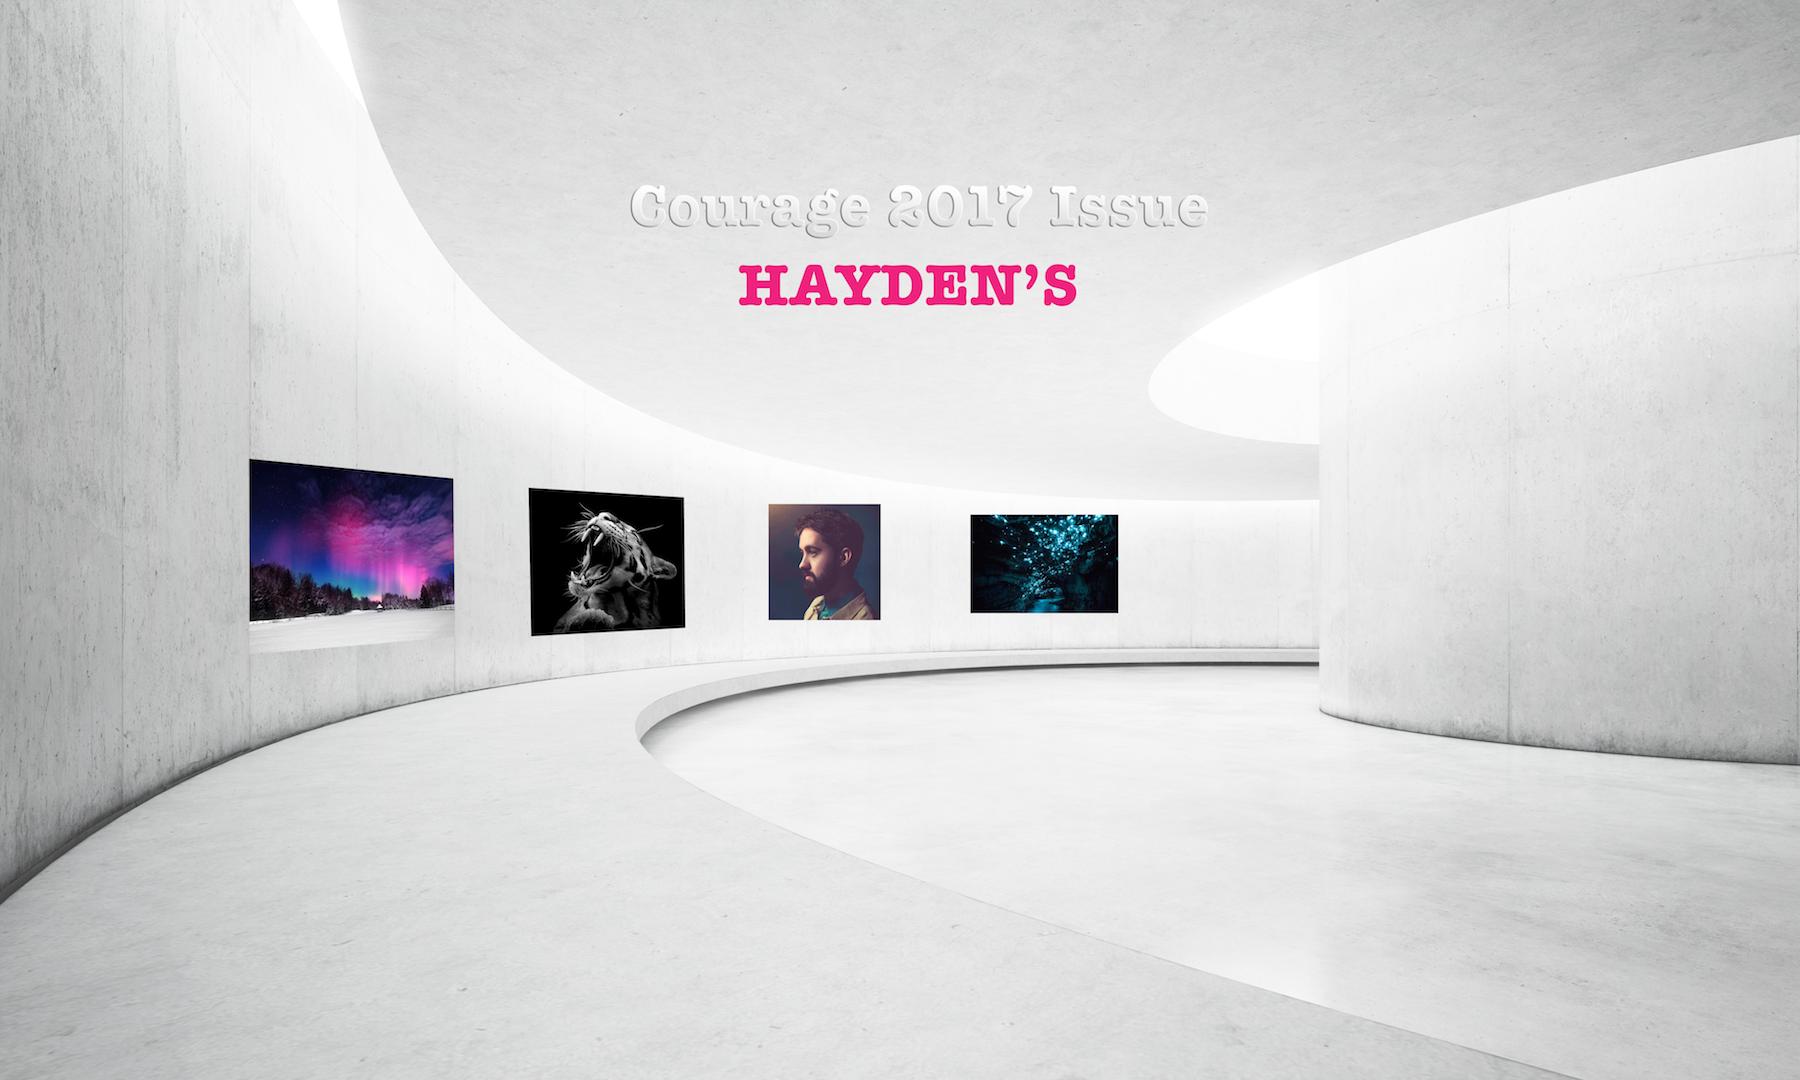 haydenscouragegallery